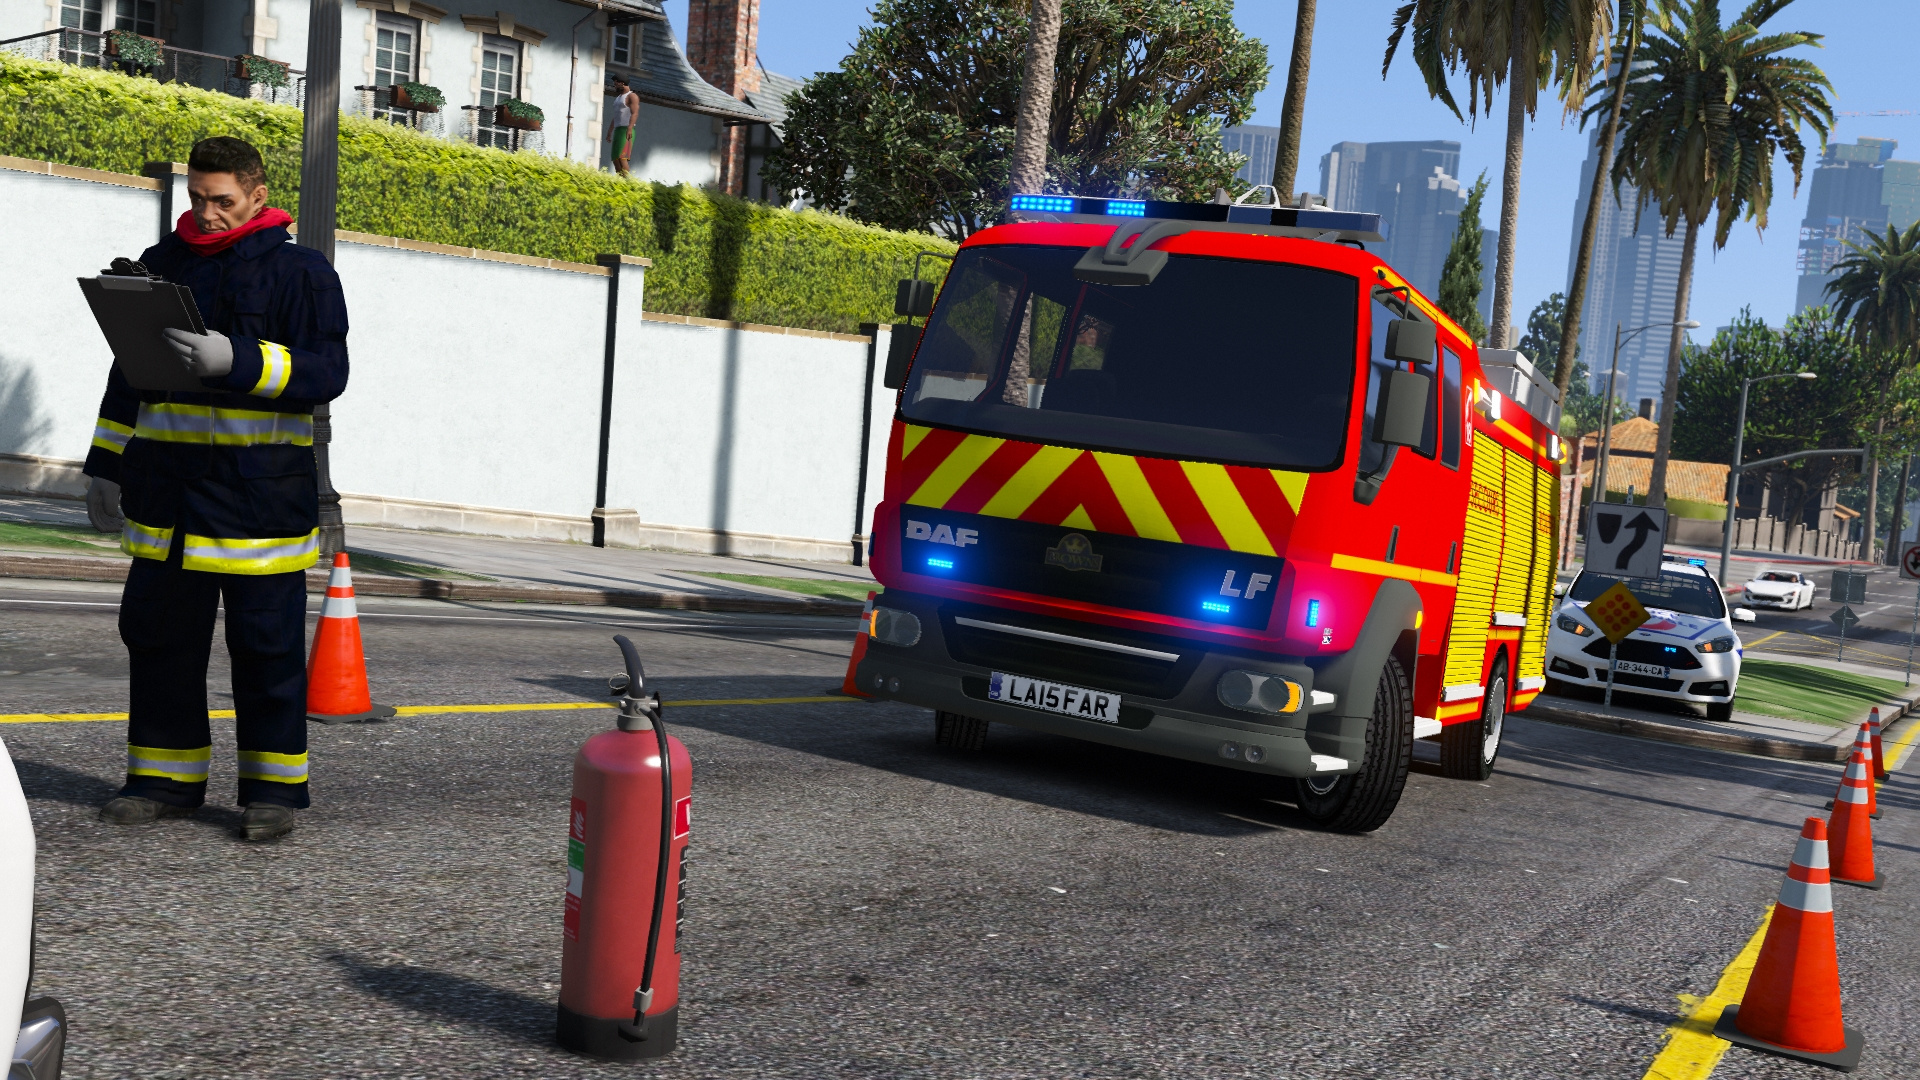 daf v hicule de secours routier des sapeurs pompiers gta5. Black Bedroom Furniture Sets. Home Design Ideas